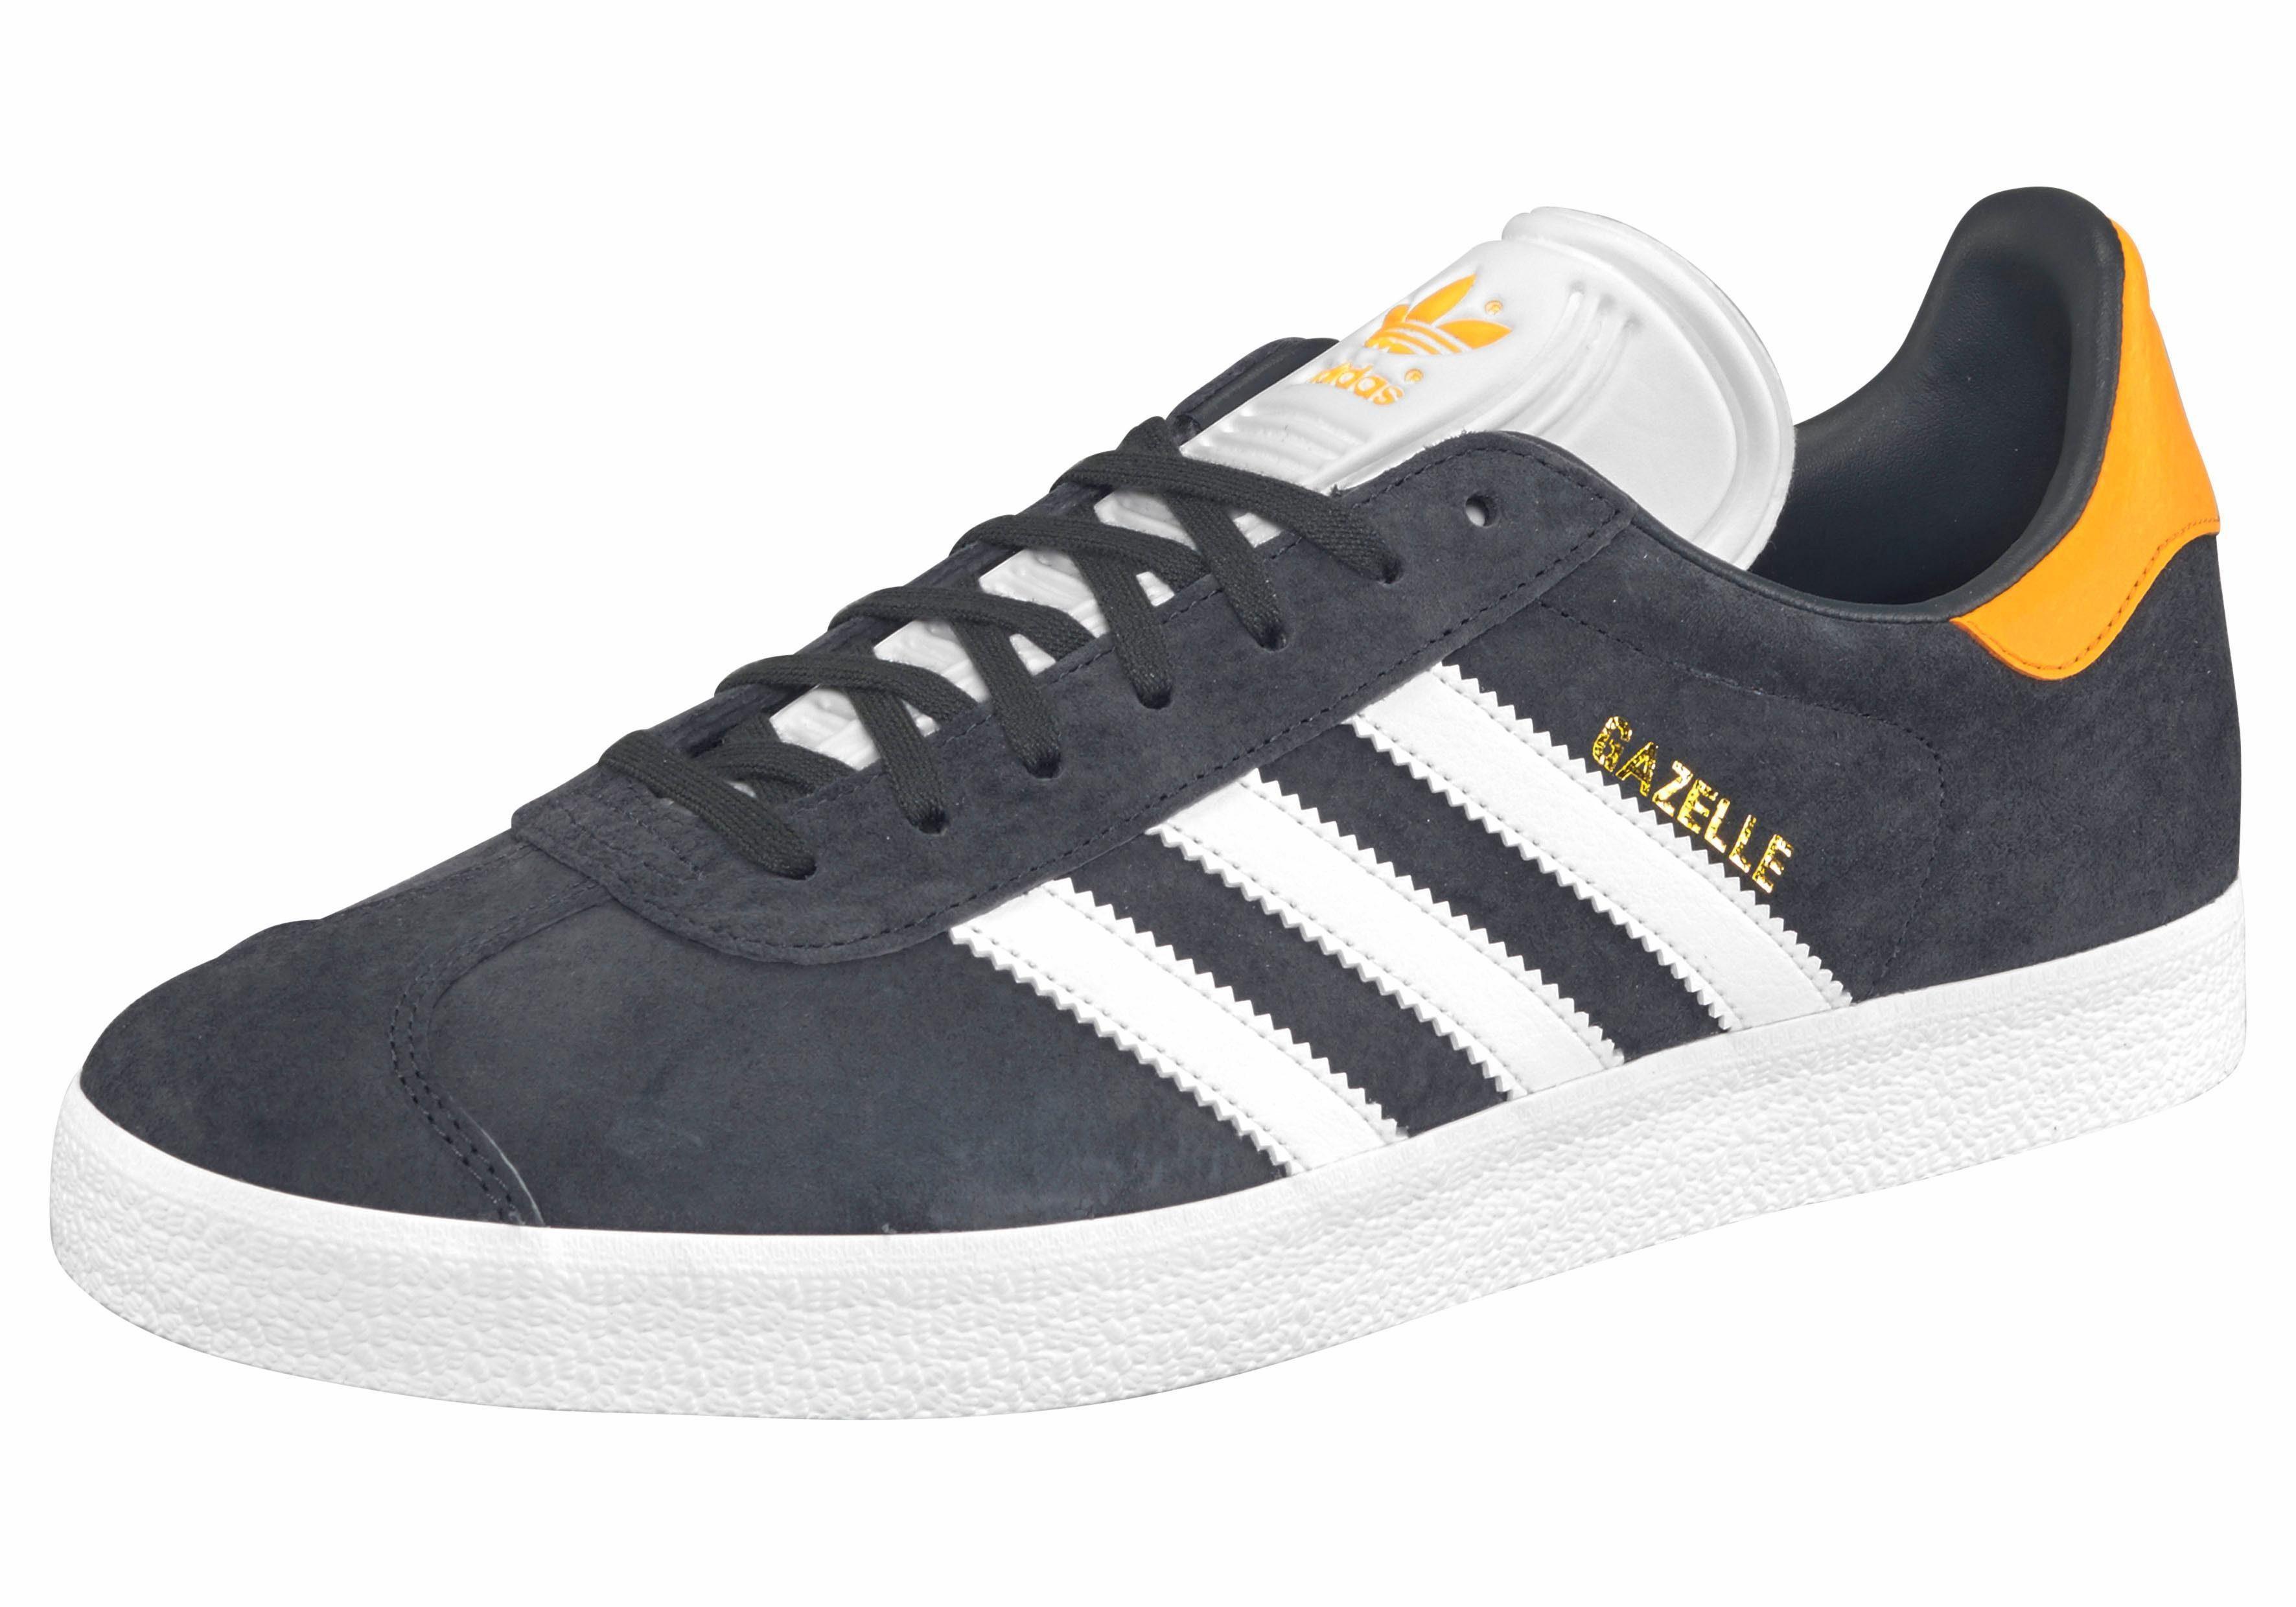 adidas Originals »Gazelle« Sneaker Unisex, Weiches und atmungaktives Obermateiral aus Leder online kaufen   OTTO